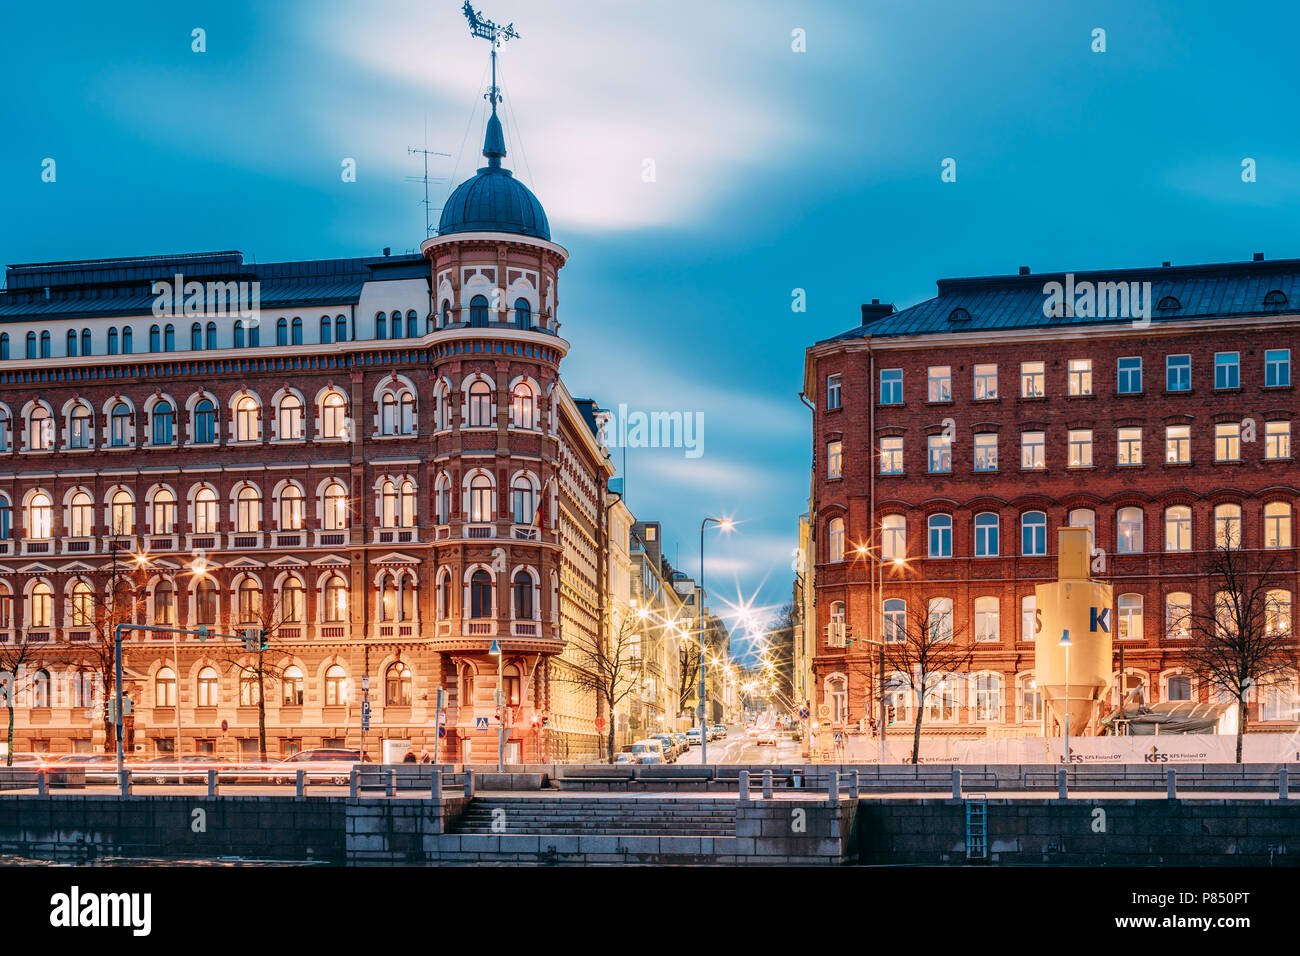 Helsinki, Finlande - le 6 décembre 2016: Carrefour de Pohjoisranta et Kirkkokatu Street dans la soirée ou la nuit l'éclairage. Photo Stock